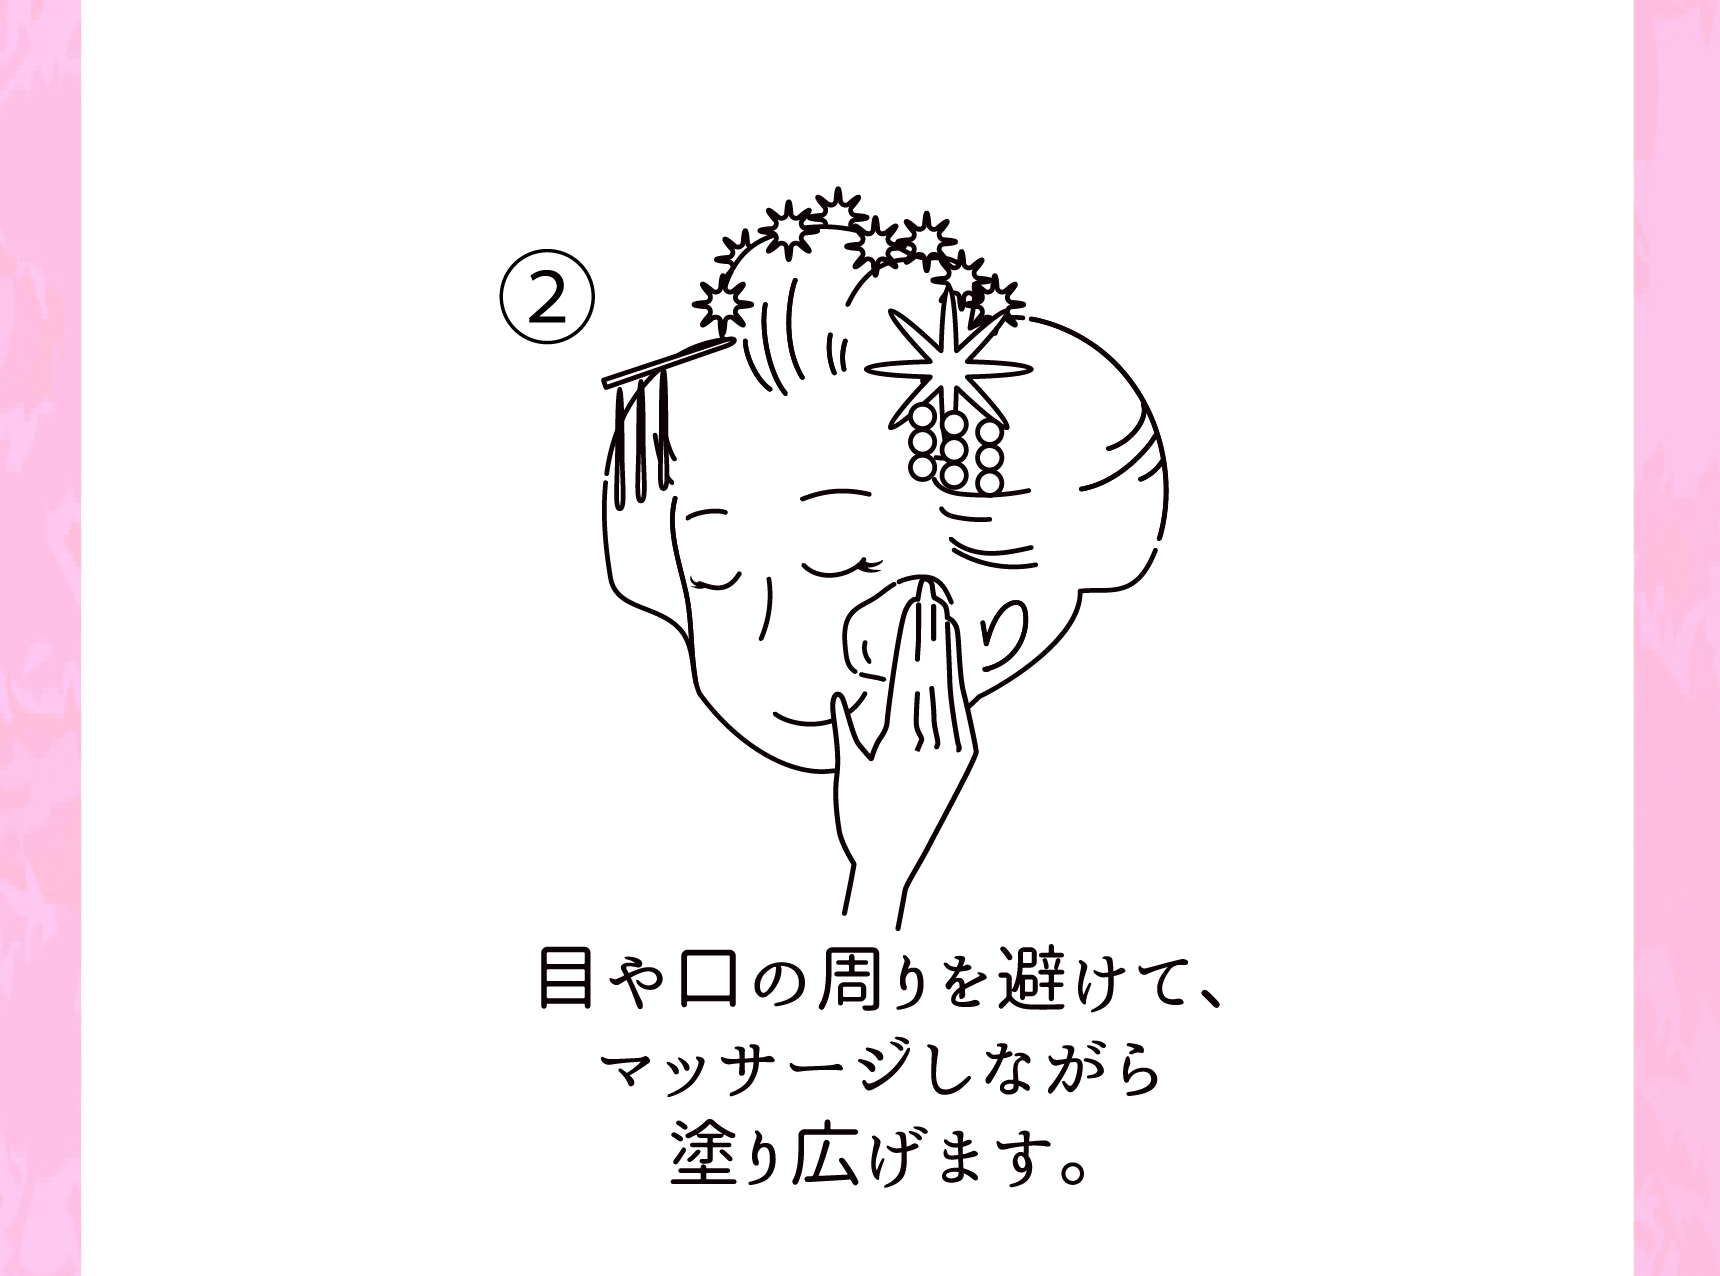 ②目や口の周りを避けて、マッサージしながら塗り広げます。